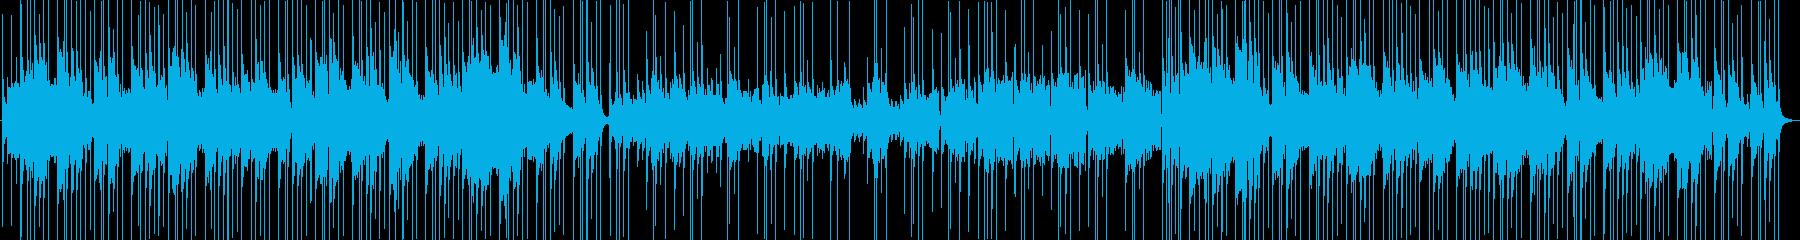 お琴と尺八・太鼓 ほのぼのした感じの再生済みの波形